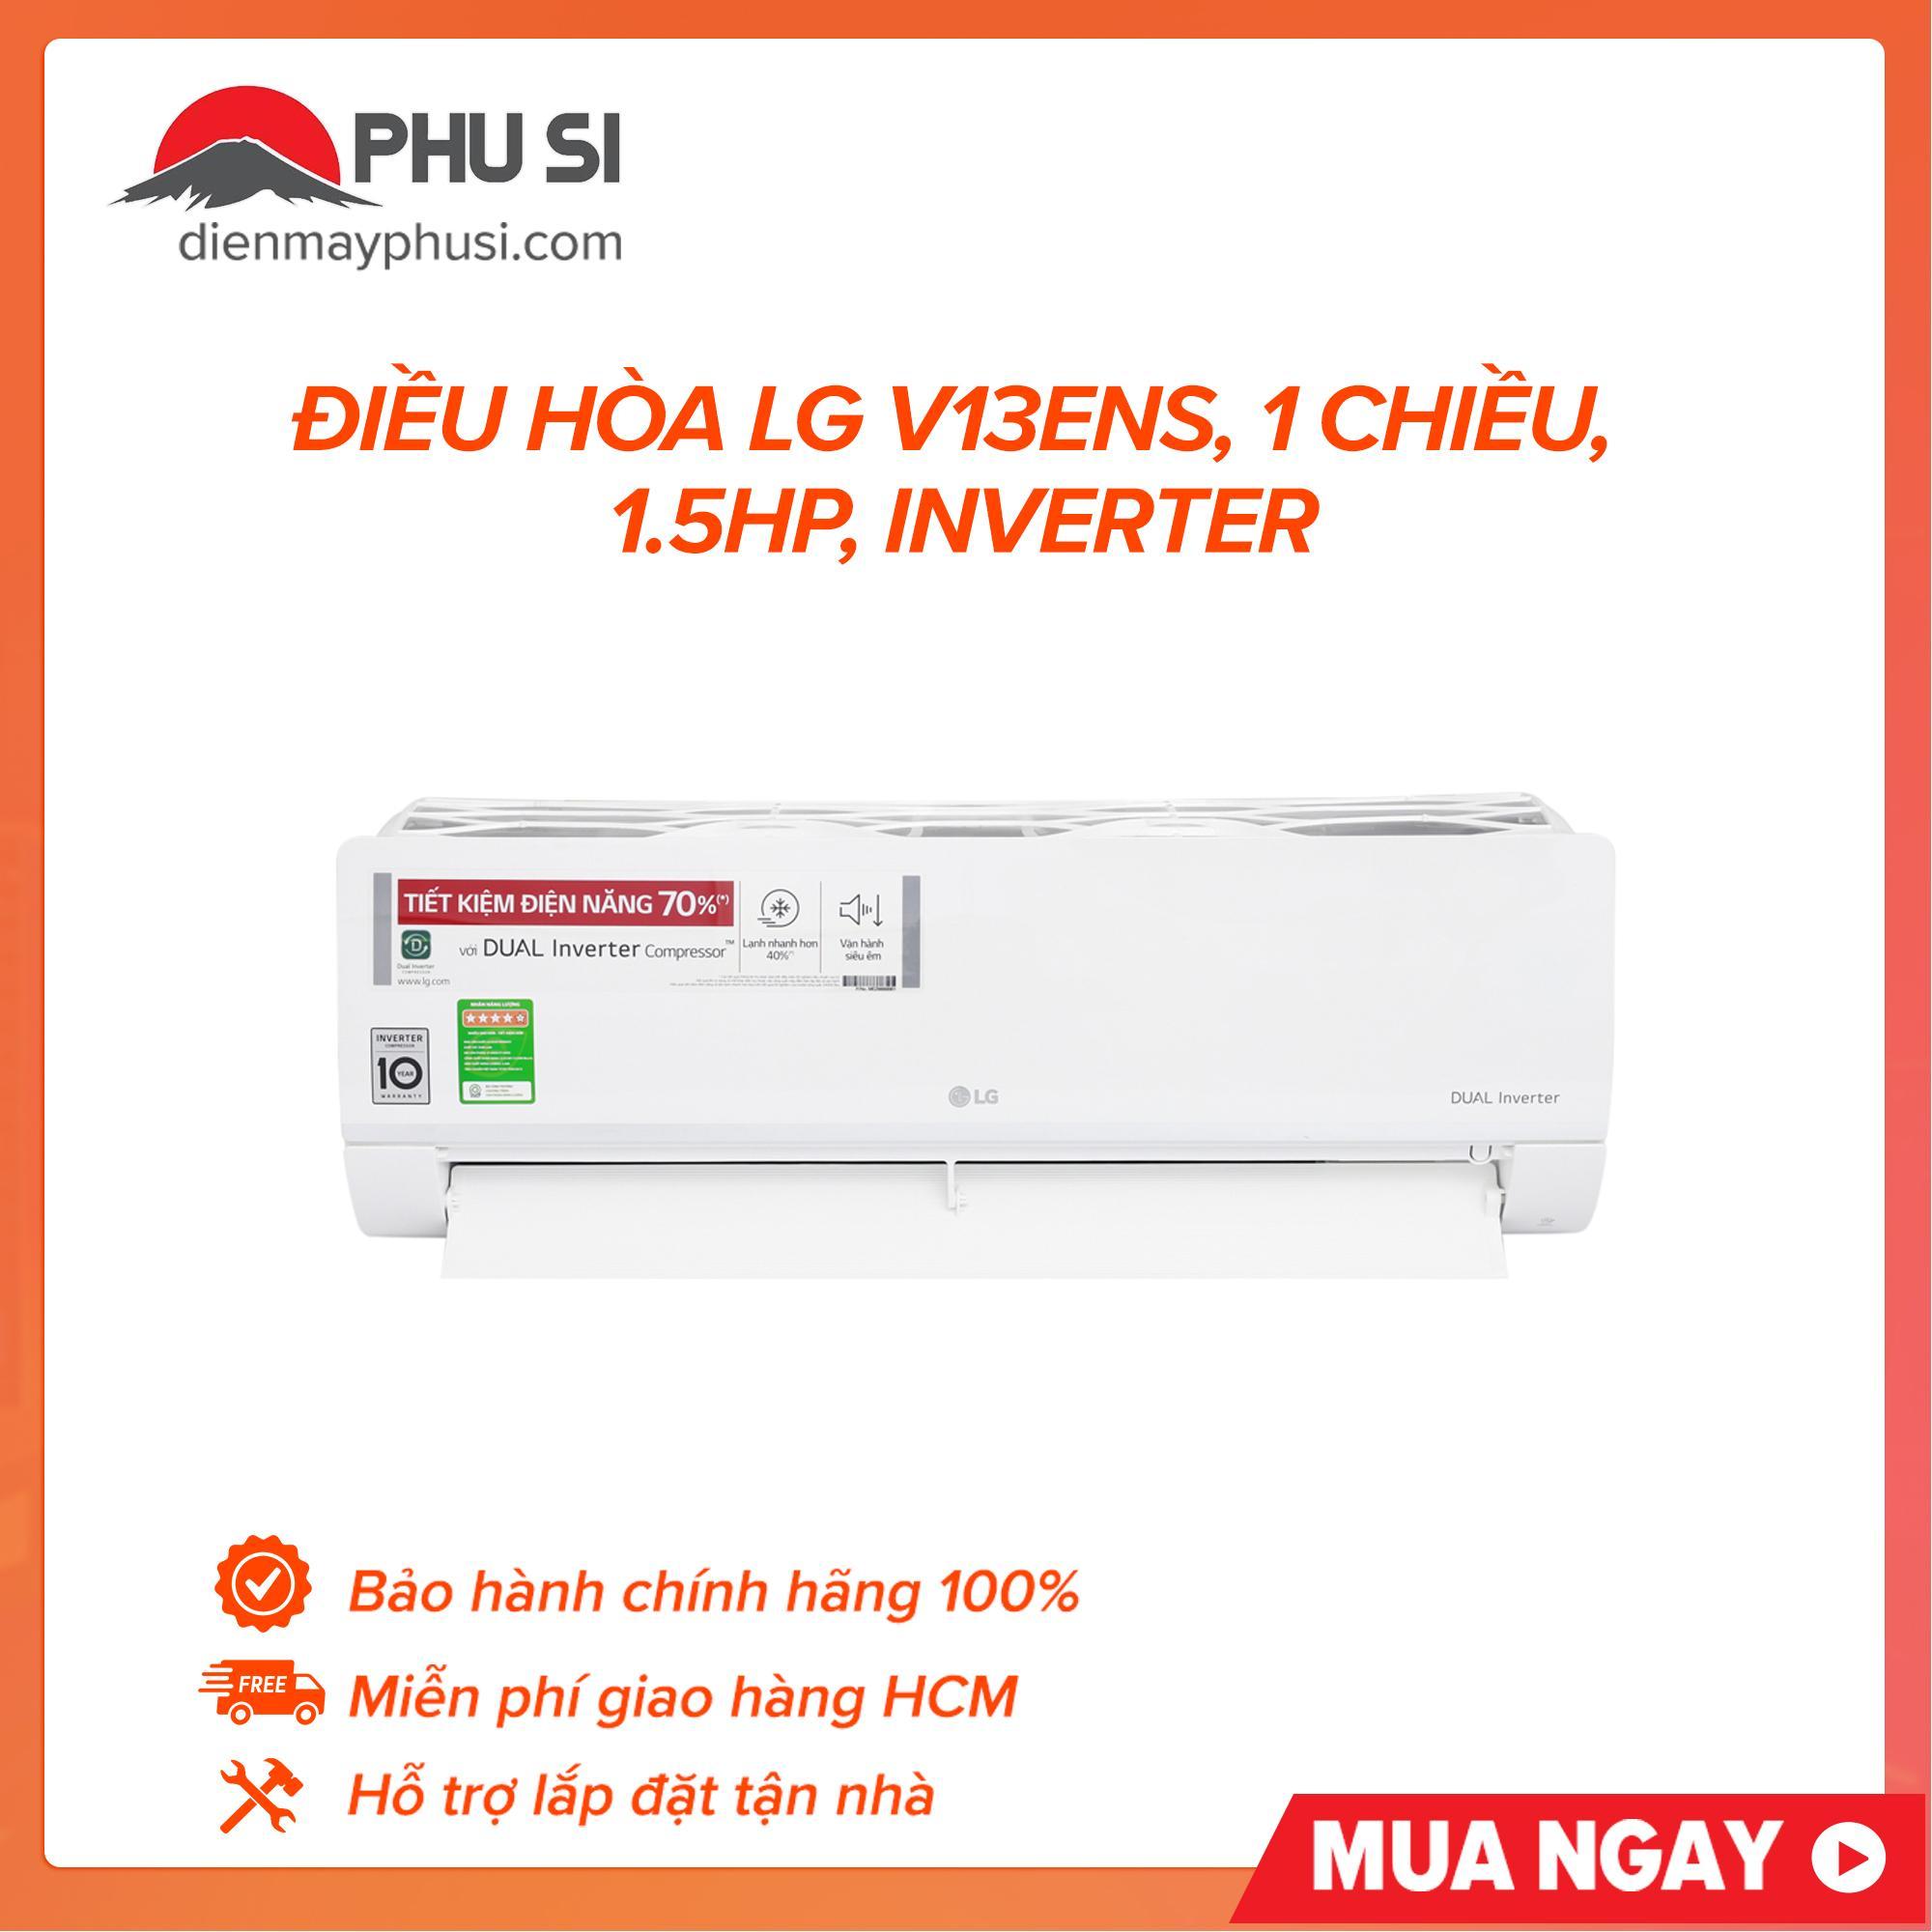 Bảng giá Điều hòa LG V13ENS, 1 chiều, 1.5HP, Inverter